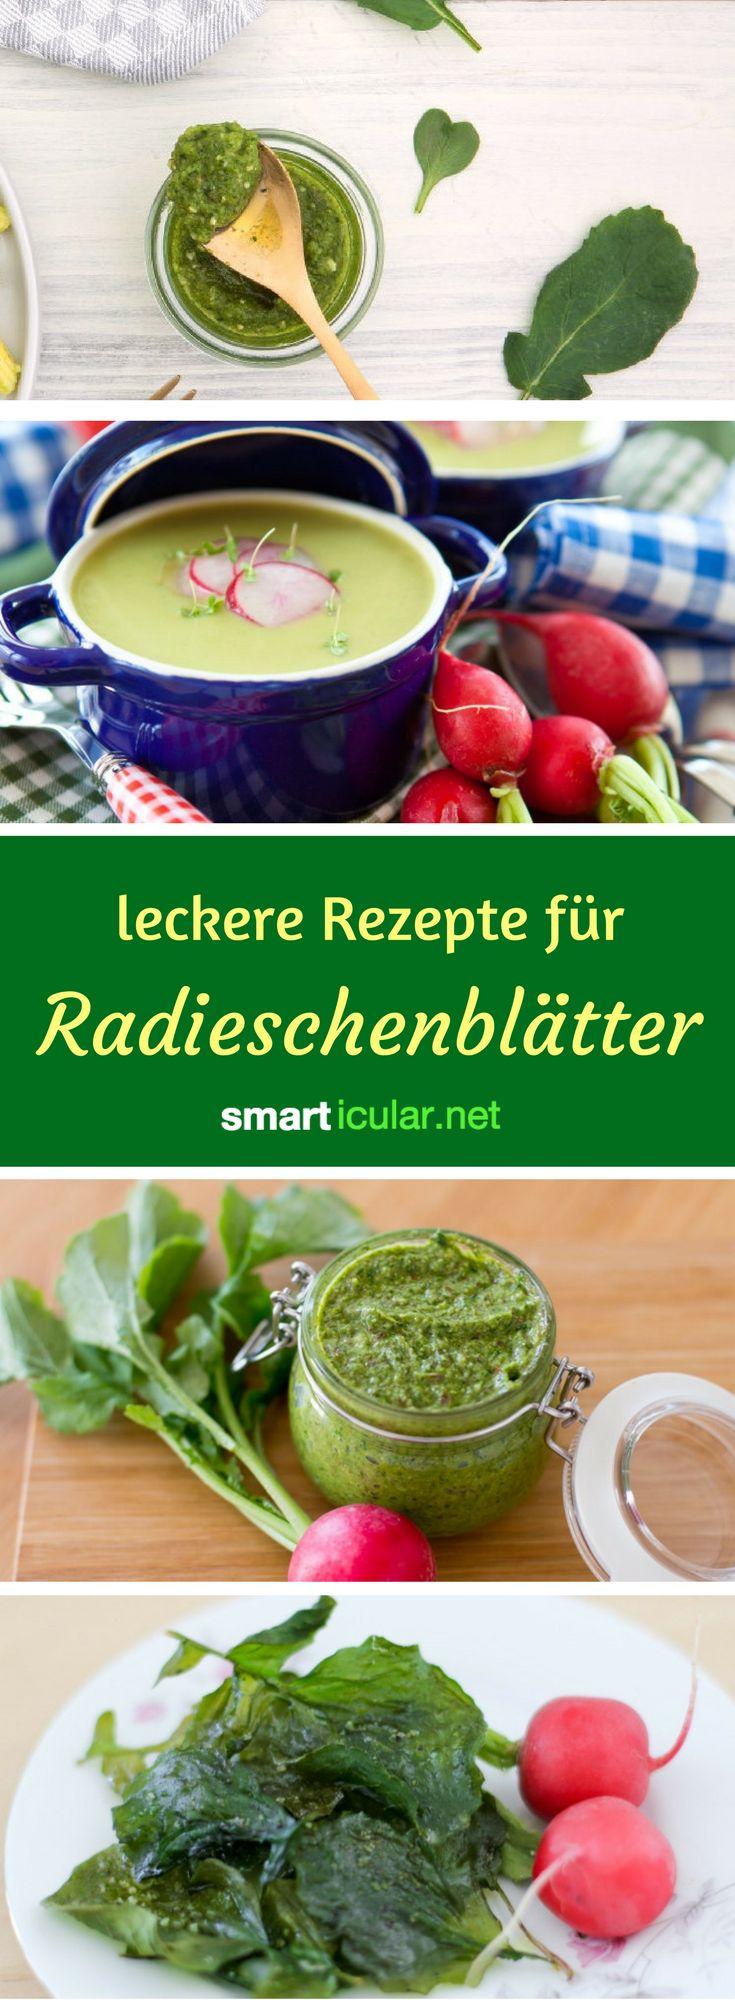 Radieschengrün taugt zu mehr als nur zu Hasenfutter! Mit diesen Rezeptideen zauberst du aus den vitalstoffreichen Blättern eine gesunde und köstliche Mahlzeit.